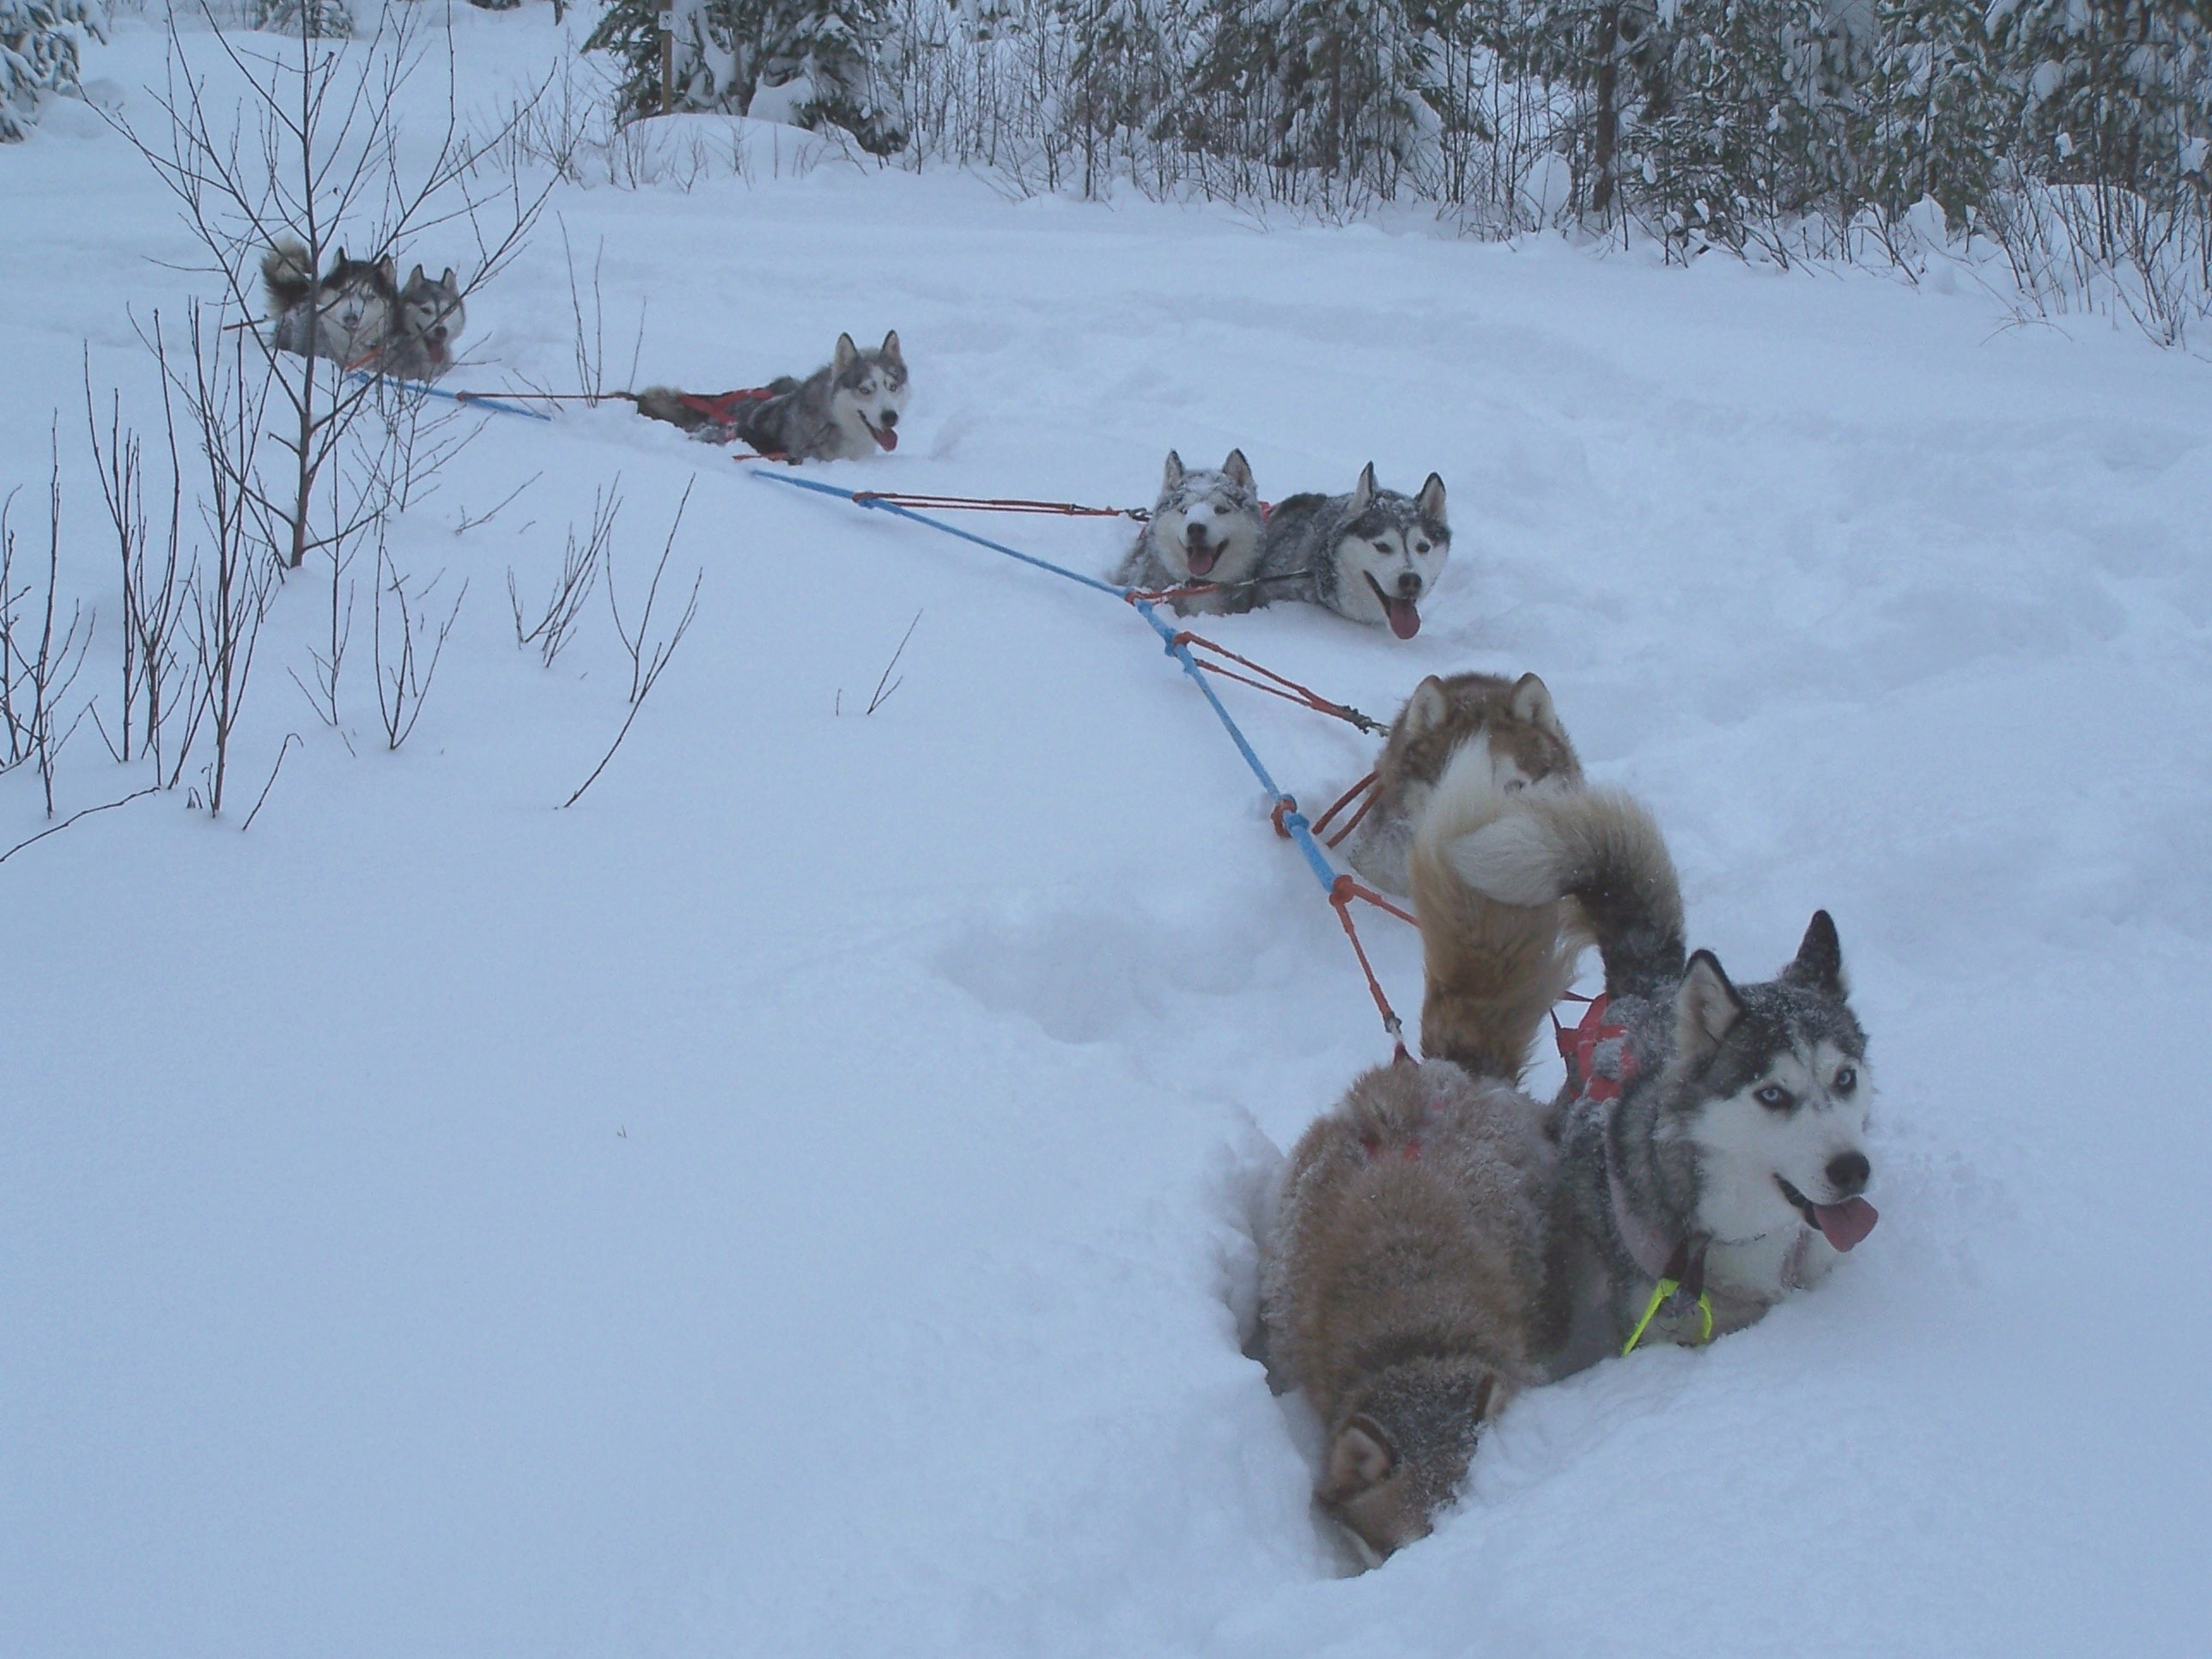 Joensuussa talvipäivillä 2004, käännös umpihangessa, mutta koirat vetävät